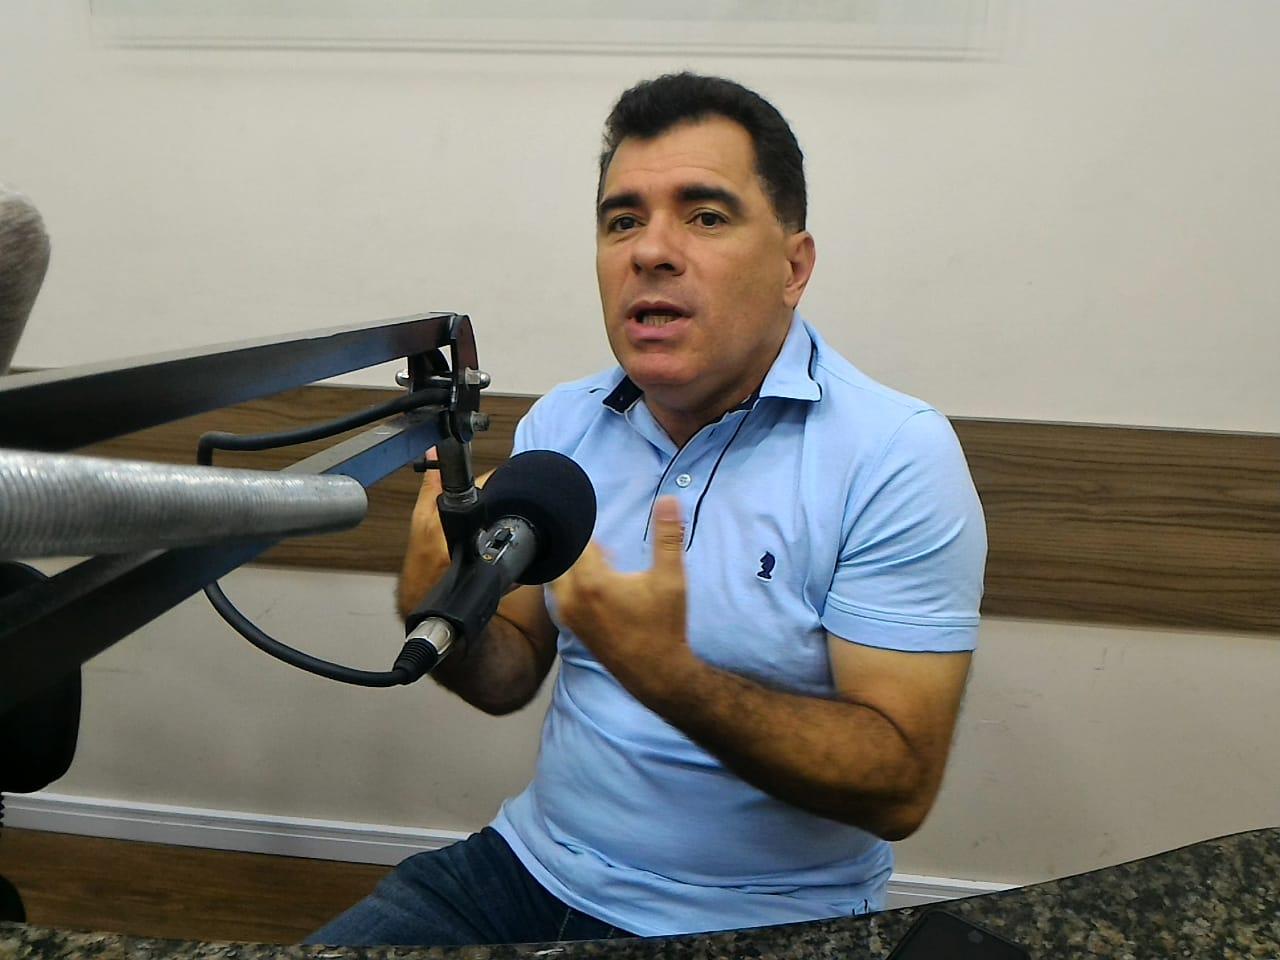 bolinha paraibaonline - NOVA REALIDADE: presidente da CDL afirma que lockdown em Campina Grande teria resultado desastroso